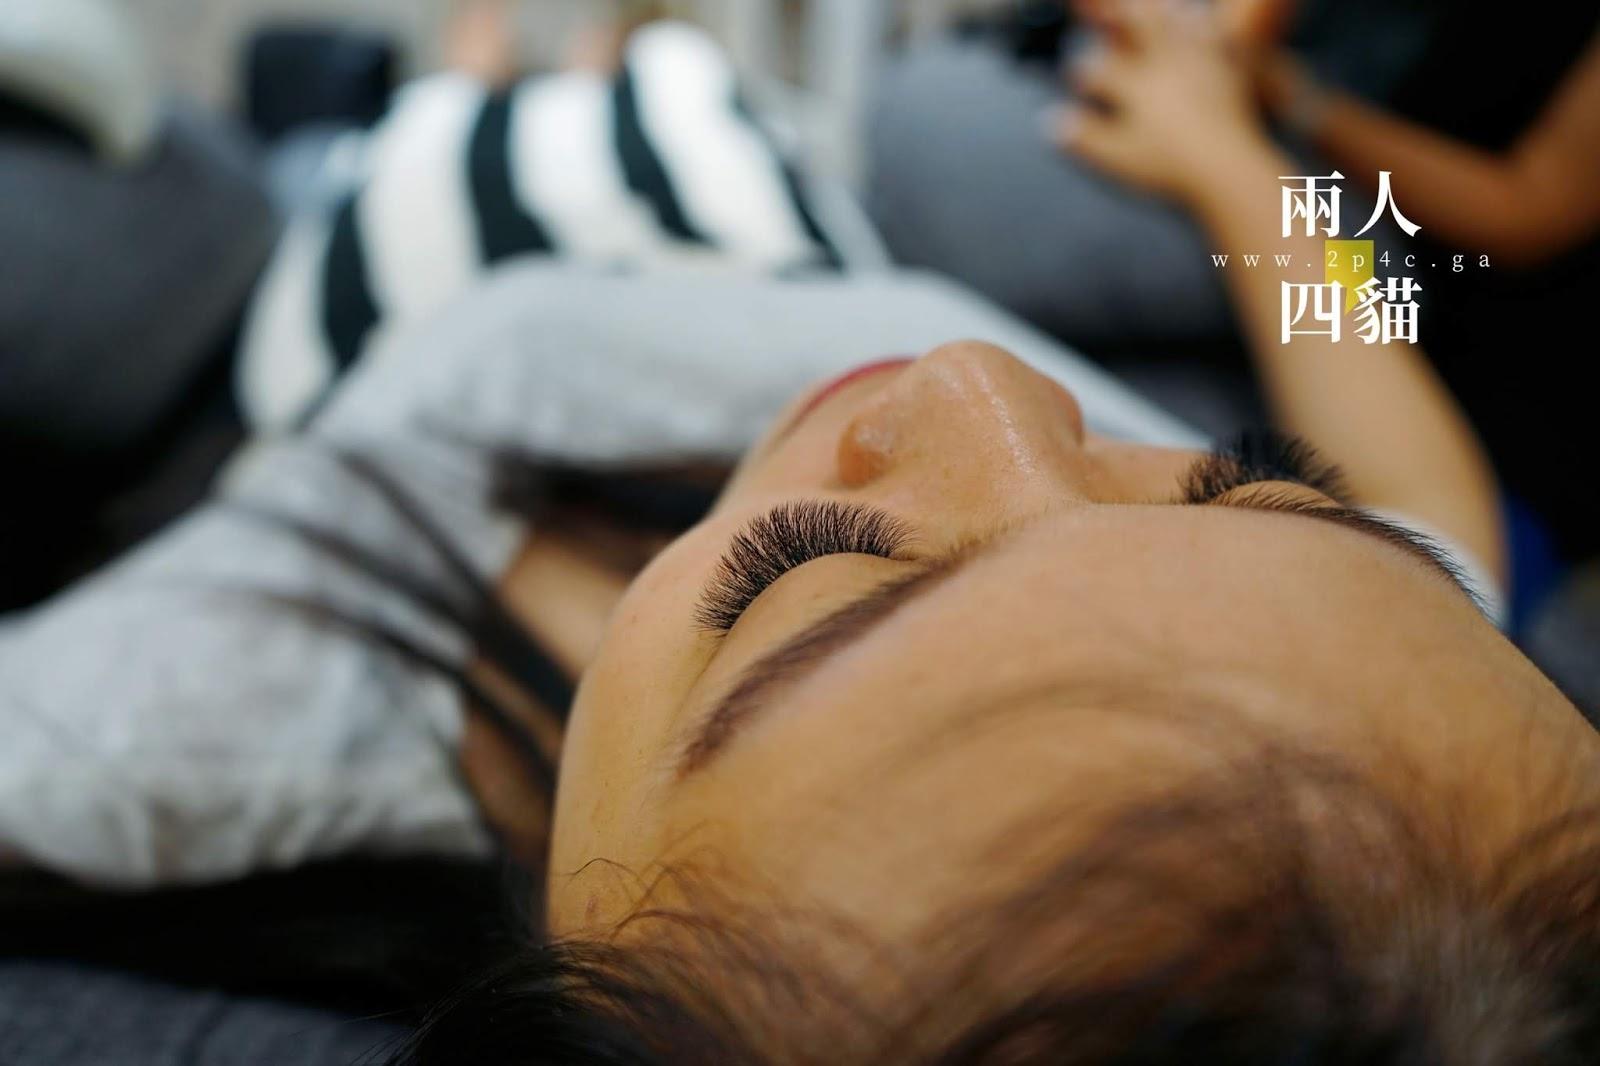 【永和|美睫】花一個時間同時美甲+美睫!【美睫兒專業紋繡美甲學苑】貴婦級奢侈享受 夏季活動美睫/美甲同做享七折!